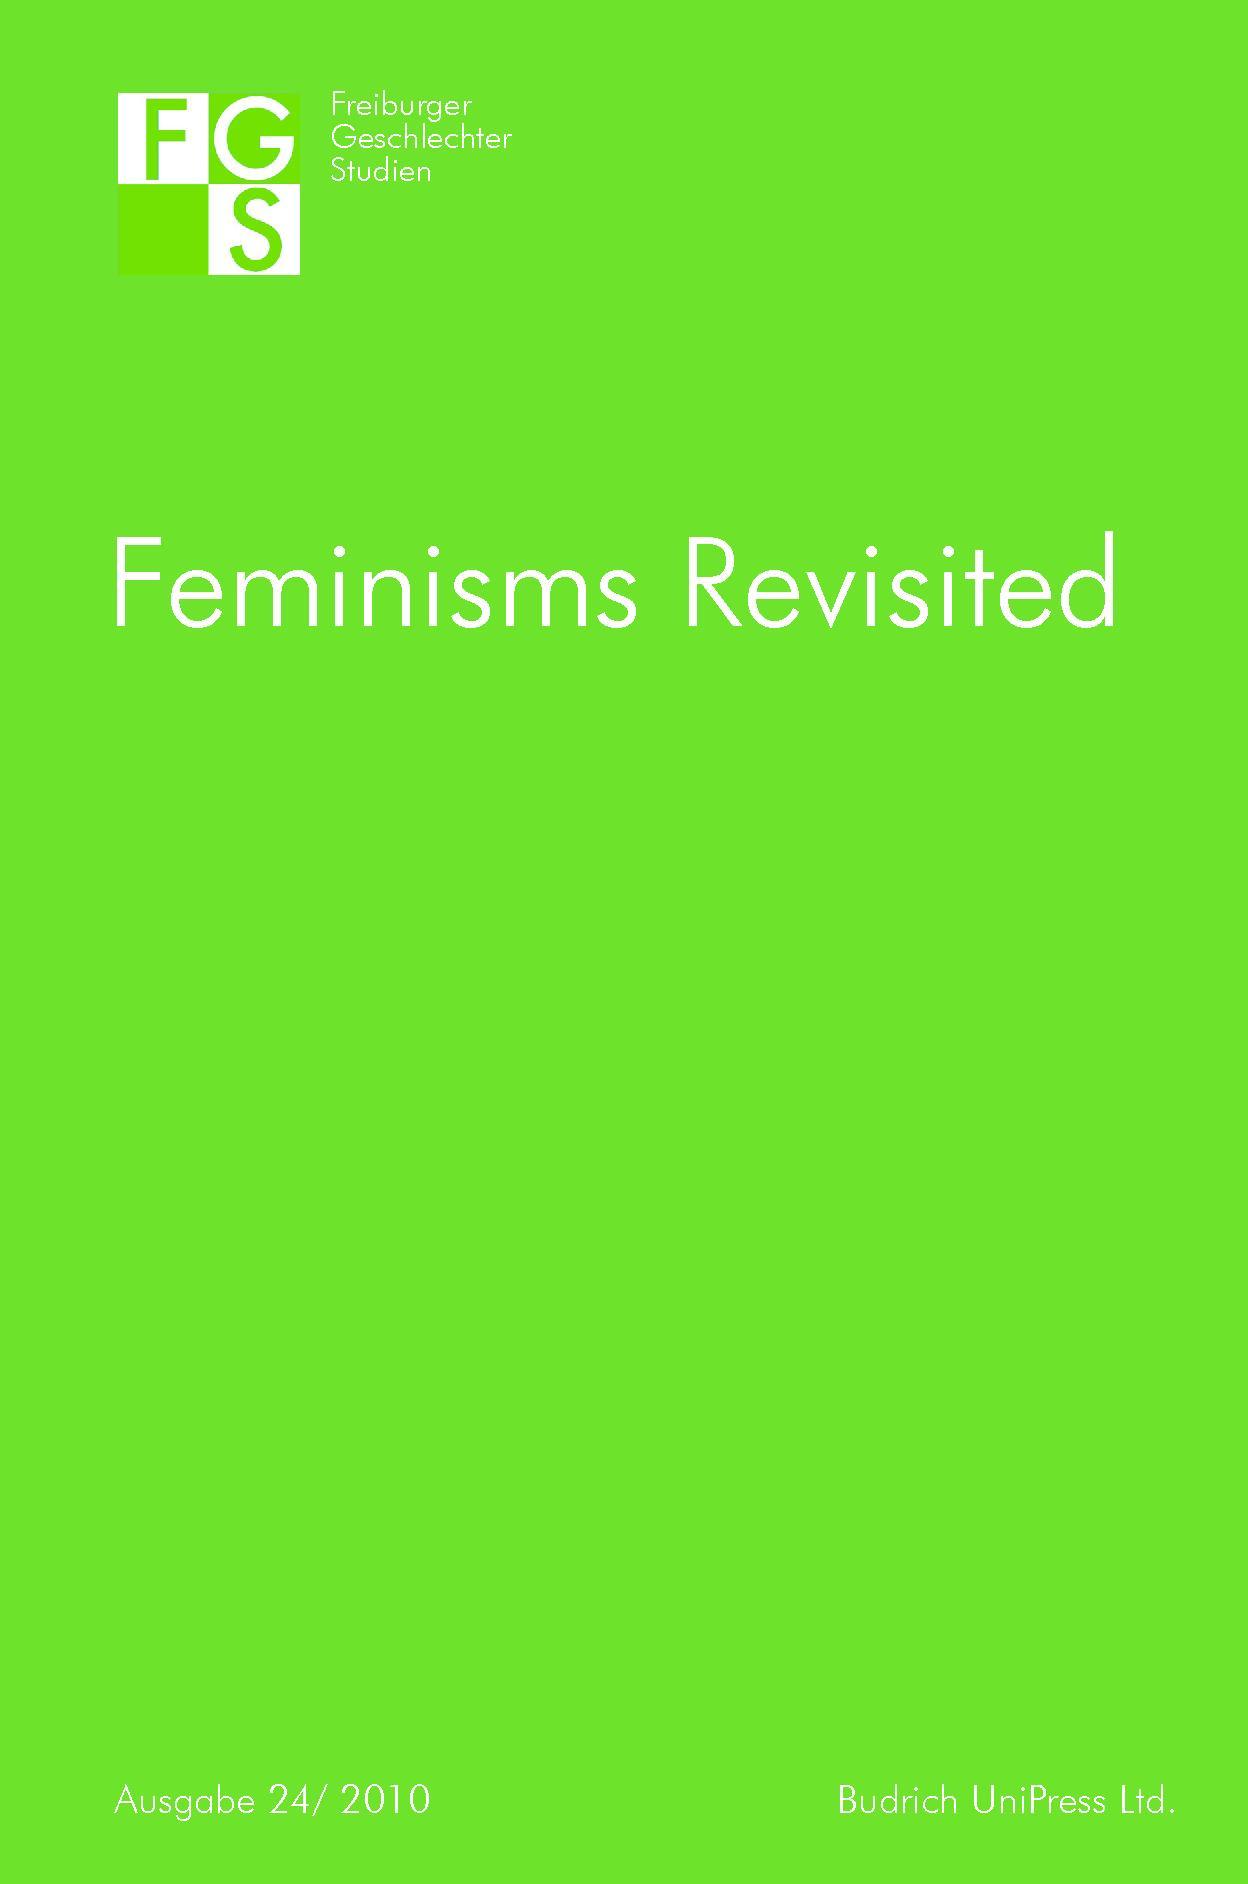 2010_Feminisms.jpg